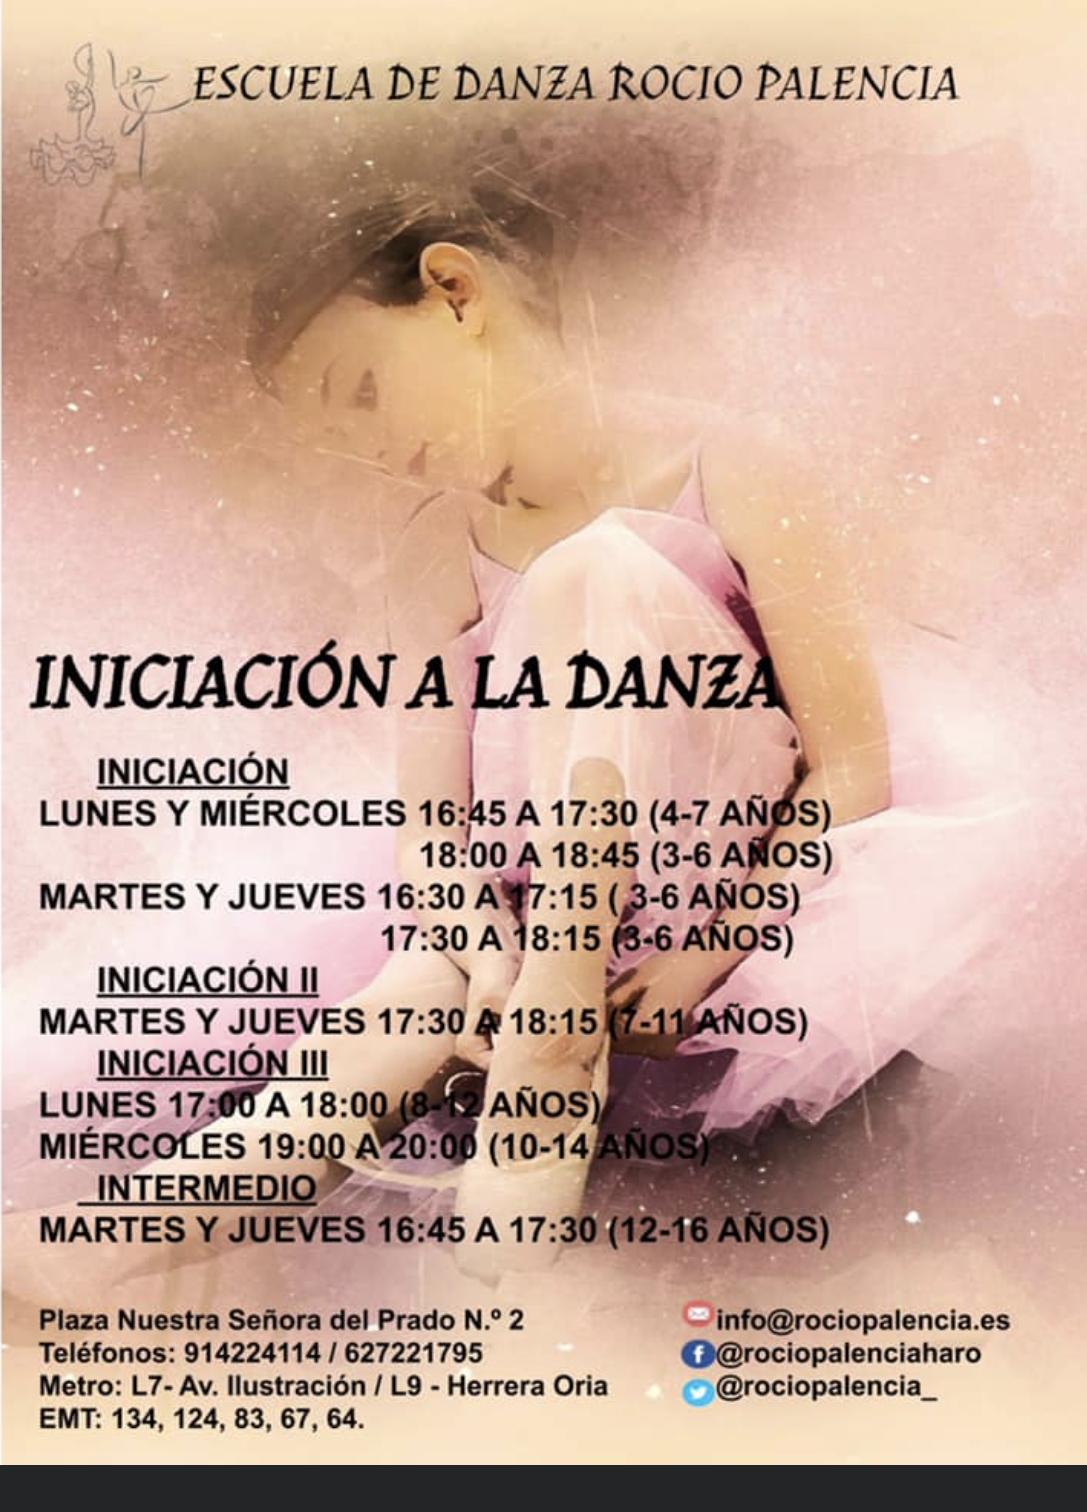 Escuela de Danza Rocío Palencia Haro